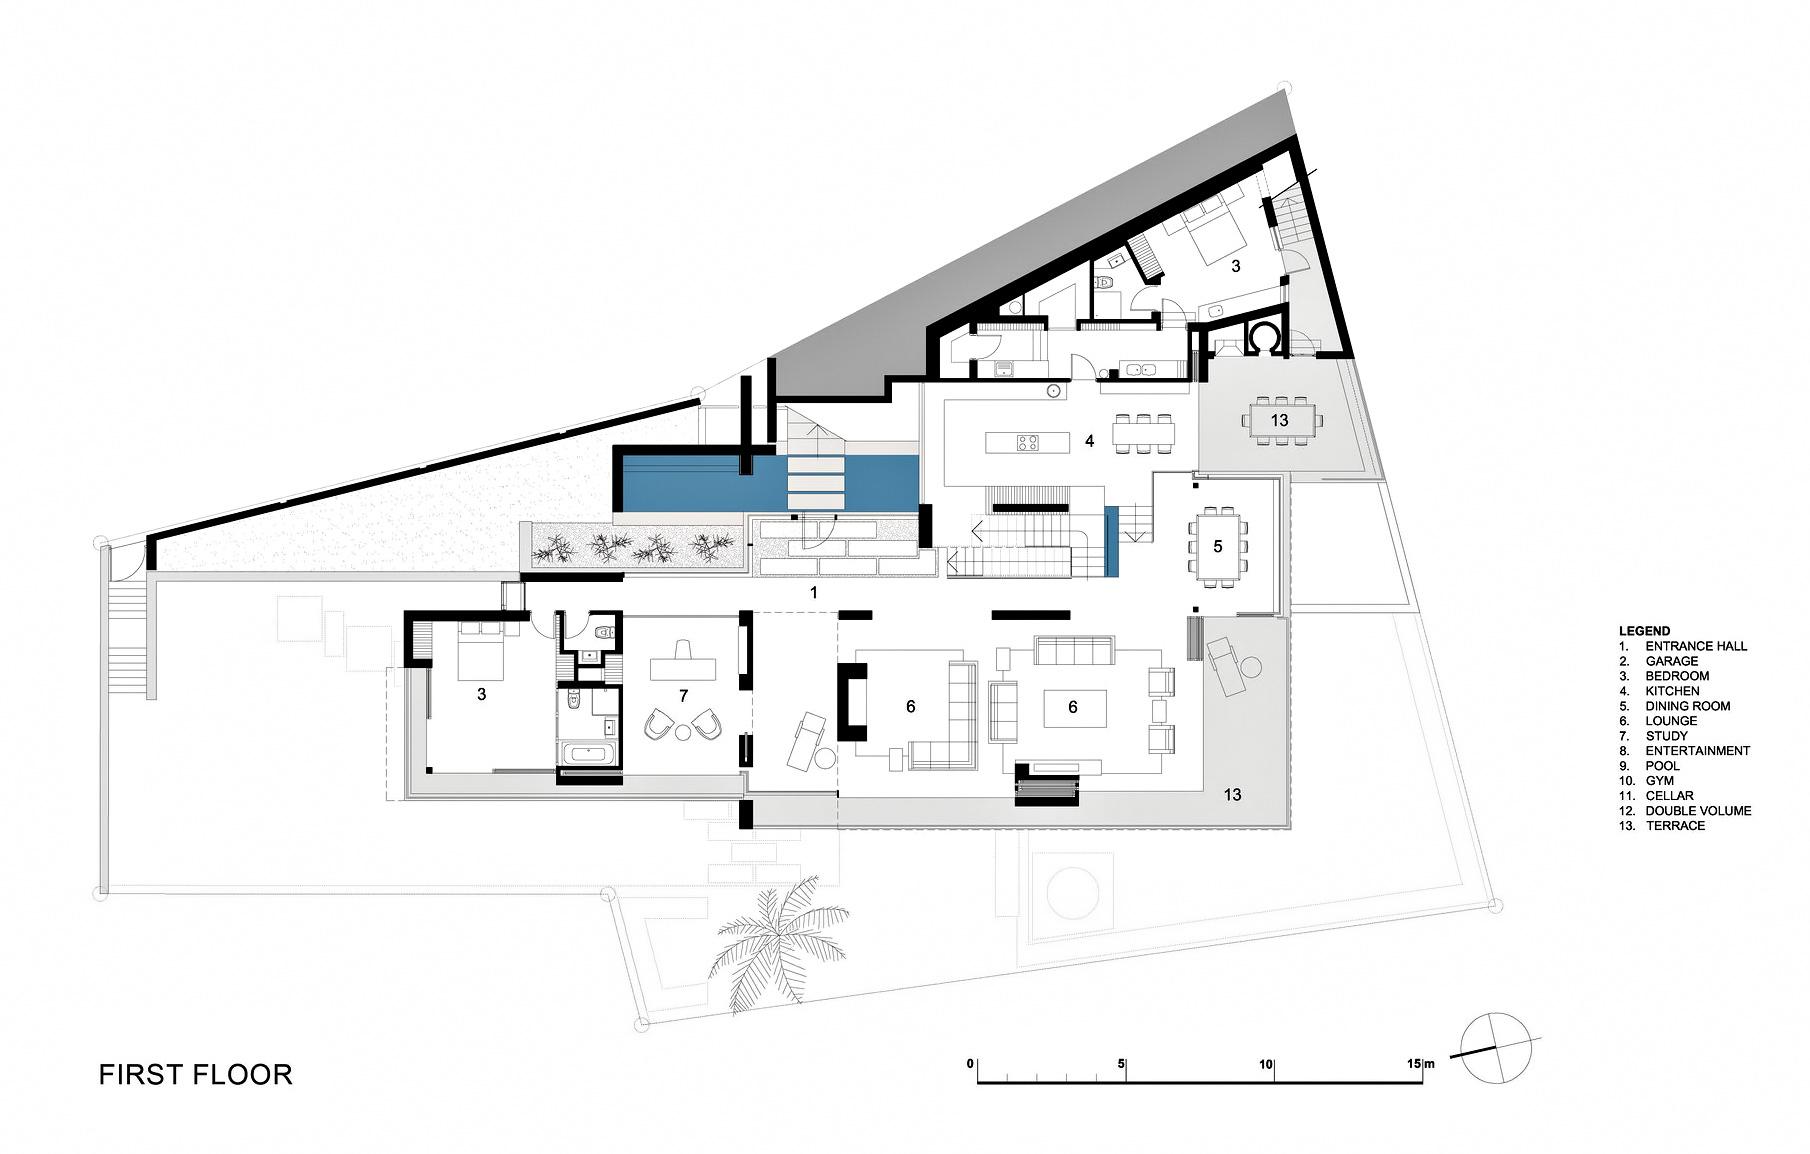 Plans d'étage – Résidence St. Leon 10 – Bantry Bay, Le Cap, Cap-Occidental, Afrique du Sud